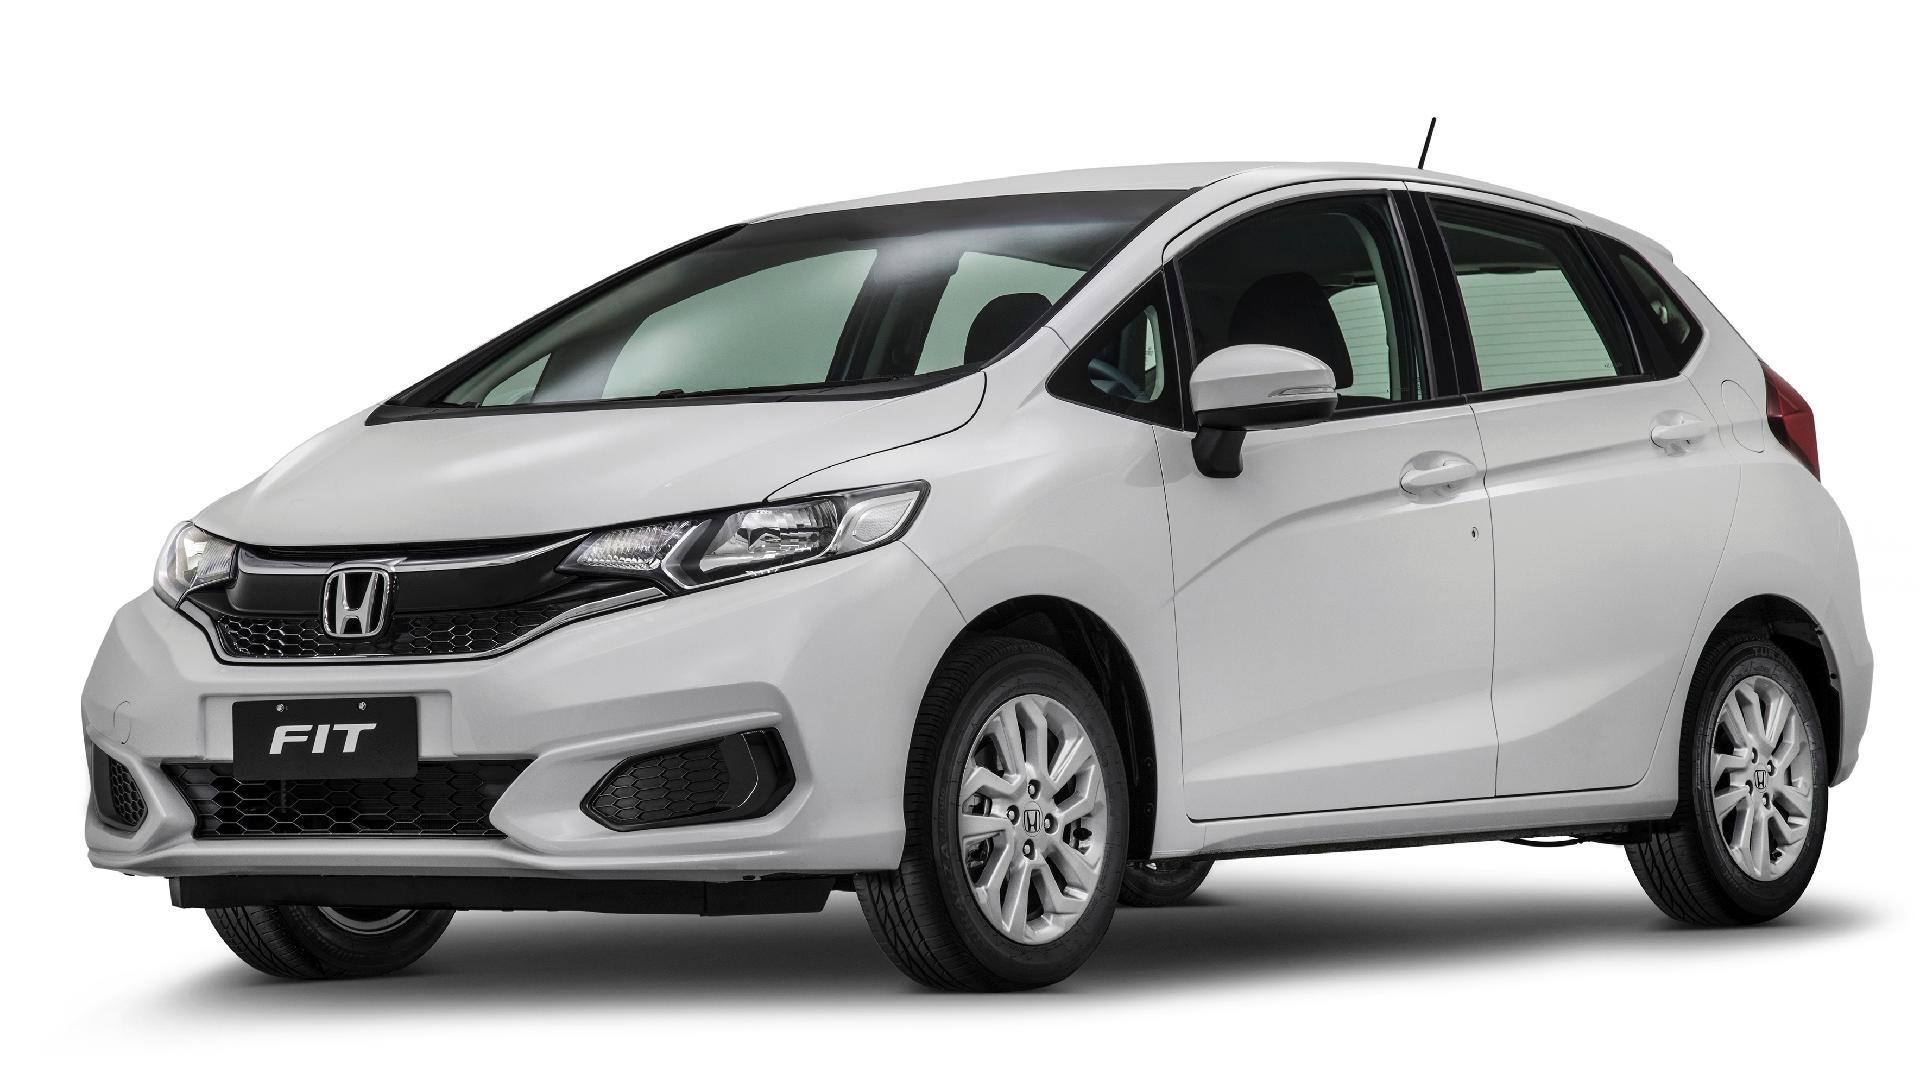 Honda Fit Personal E Versao Pensada Para Pcd Modelo Pode Custar R 52 480 04 10 2017 Uol Carros